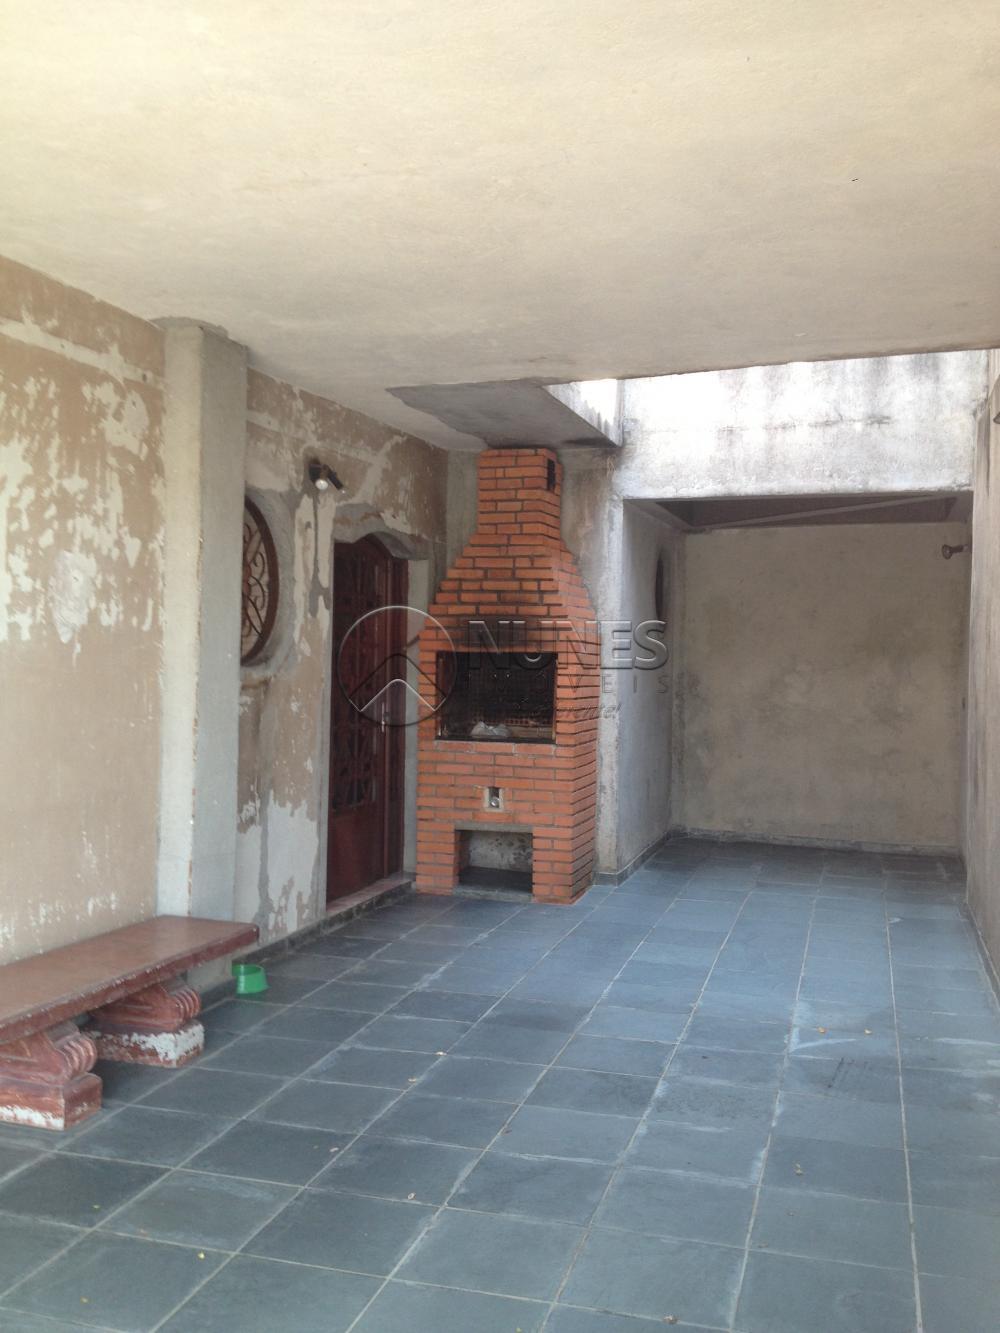 Comprar Casa / Sobrado em Carapicuíba apenas R$ 350.000,00 - Foto 3